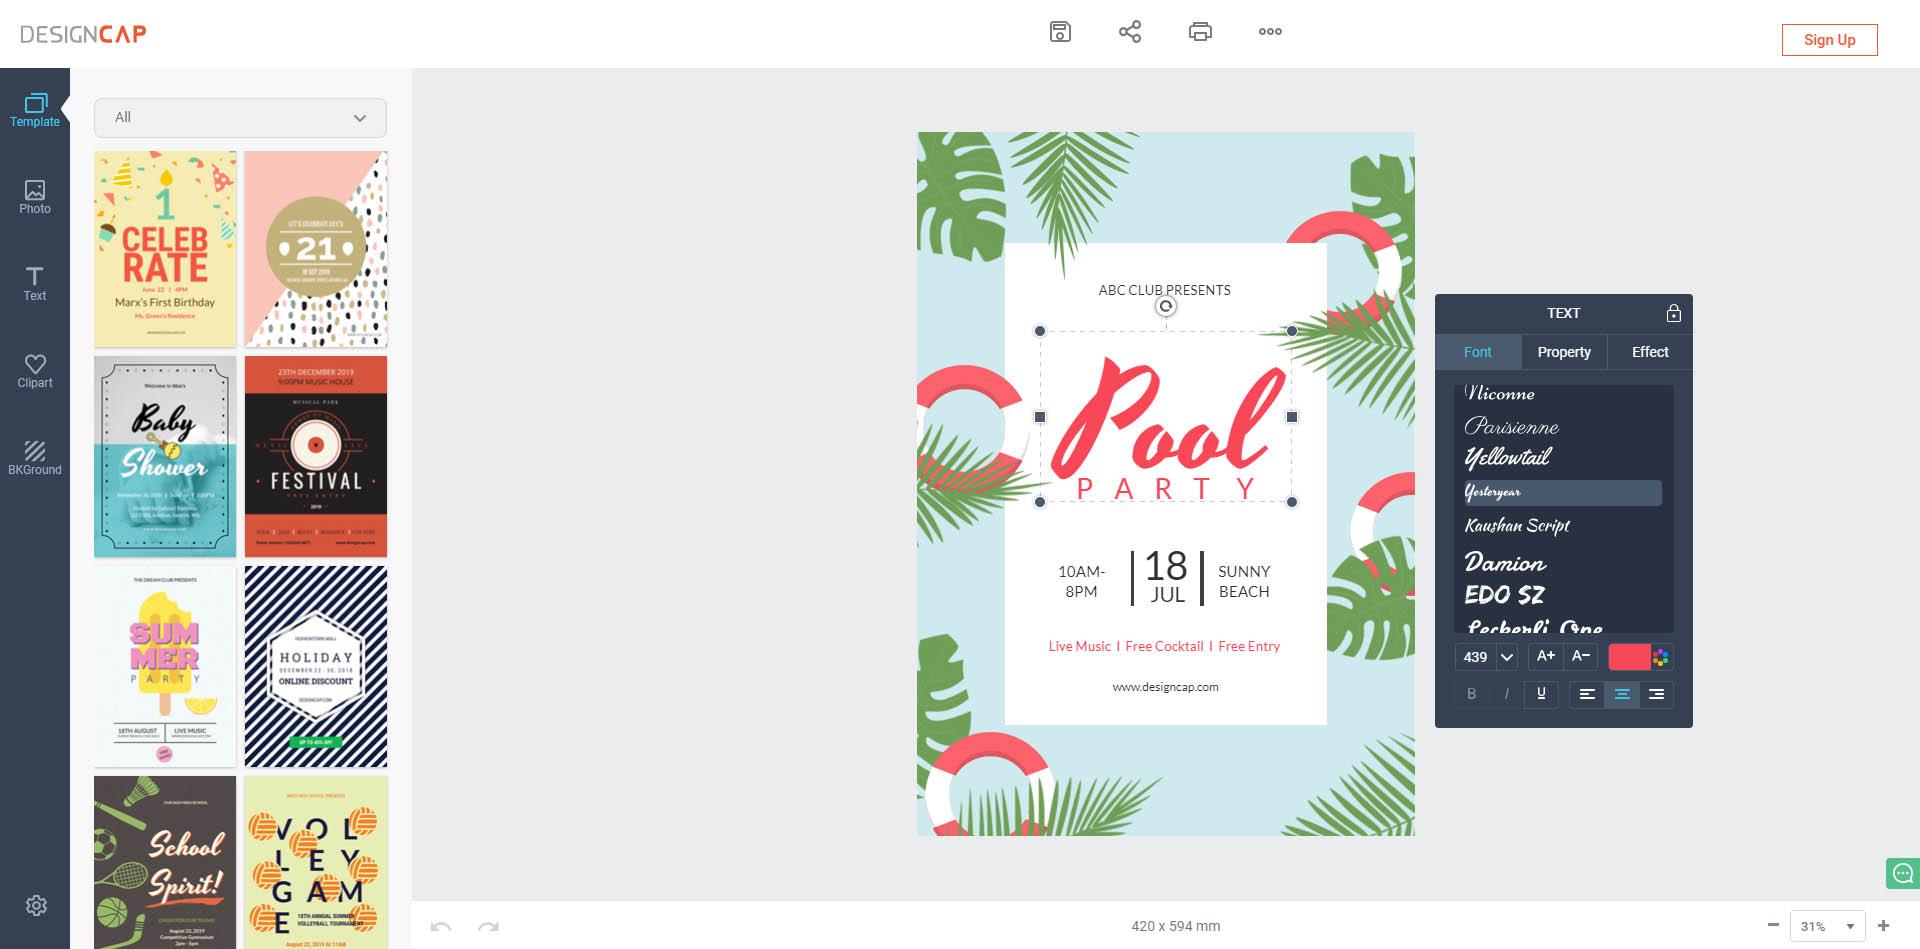 công cụ thiết kế poster designcap